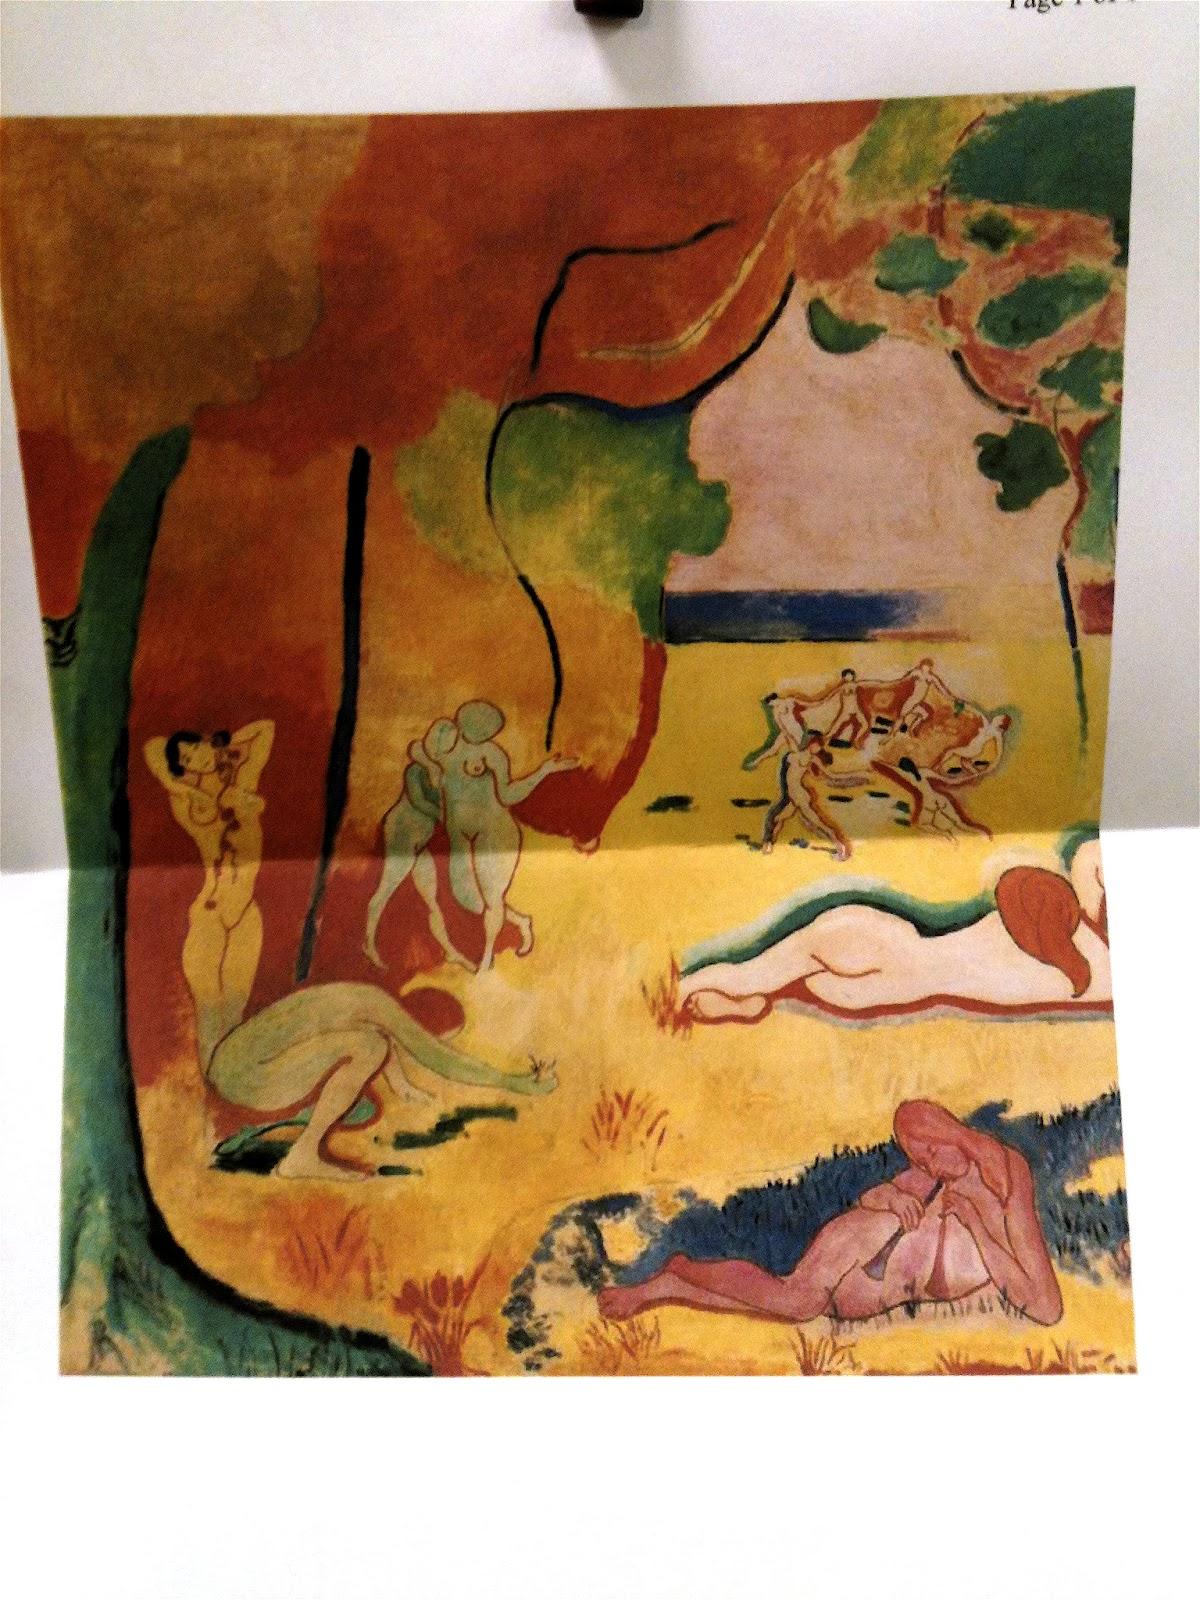 le bonheur de vivre Acheter une reproduction de tableau de matisse, le bonheur de vivre à notre atelier vous garanti une très bonne qualité et un suivi personnalisé de votre toile tous nos tableaux sont peints à l'huile sur toile par des artistes locaux renommés.